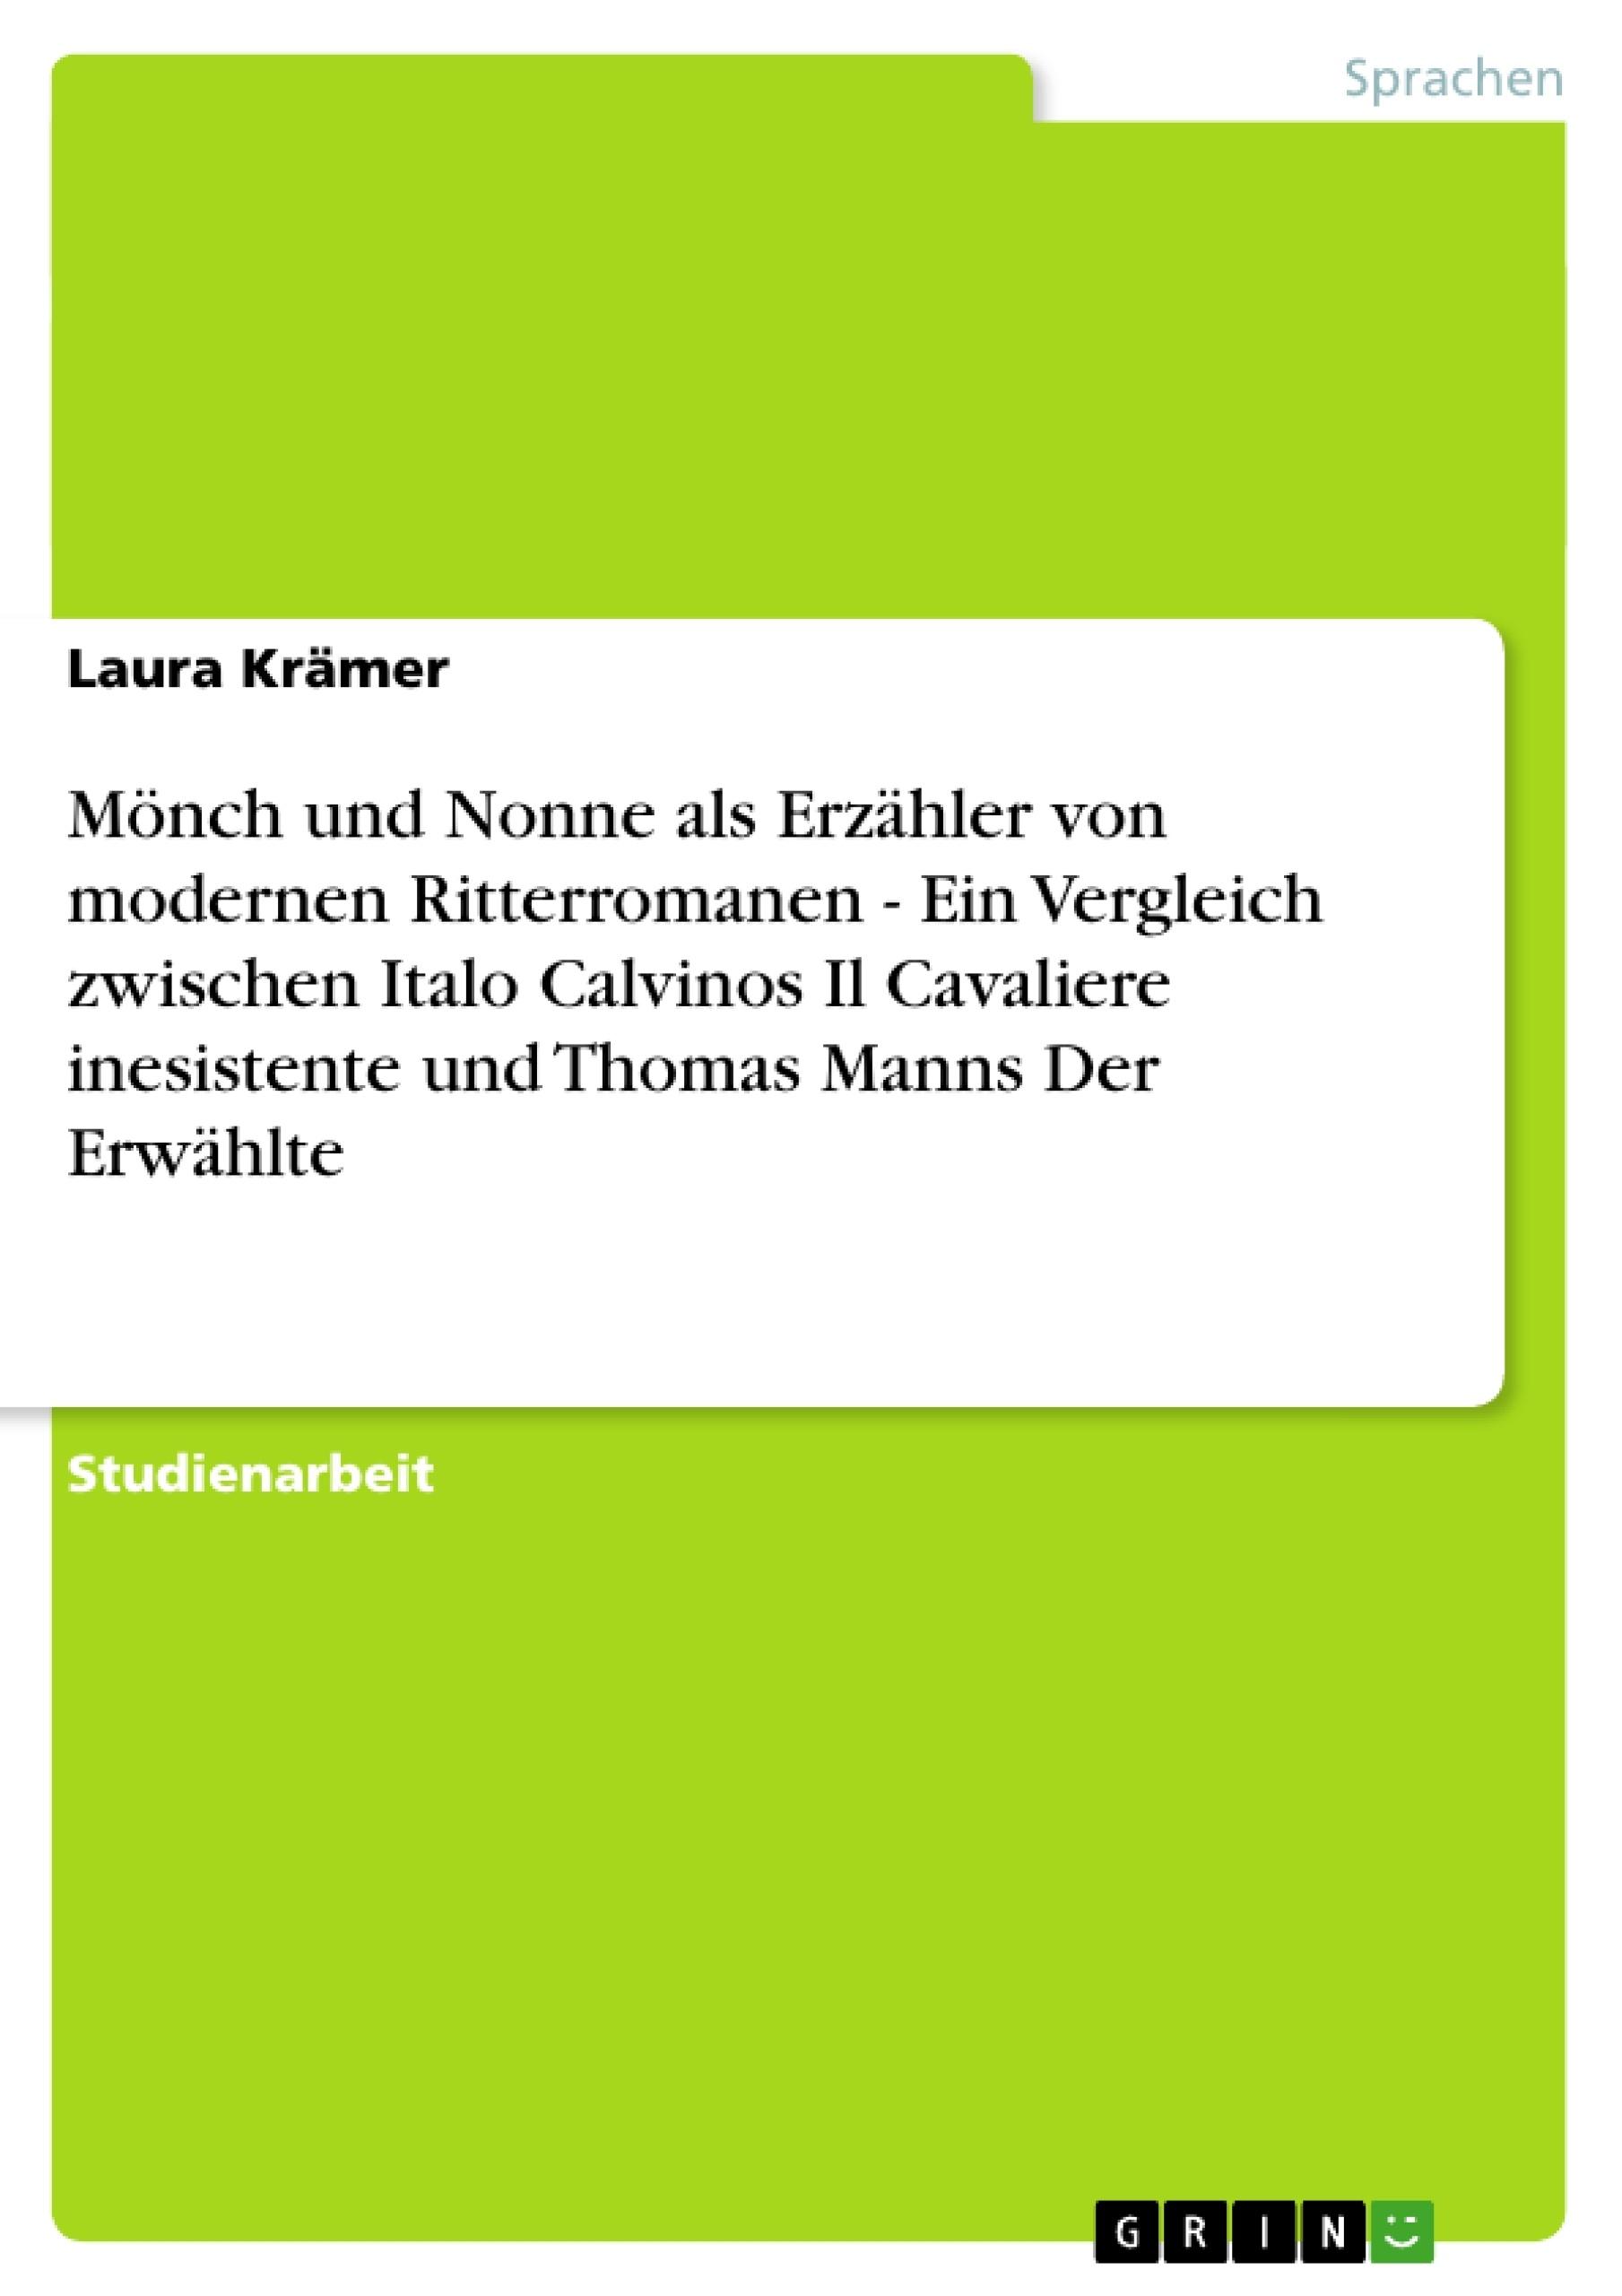 Titel: Mönch und Nonne als Erzähler von modernen Ritterromanen - Ein Vergleich zwischen Italo Calvinos Il Cavaliere inesistente  und Thomas Manns Der Erwählte